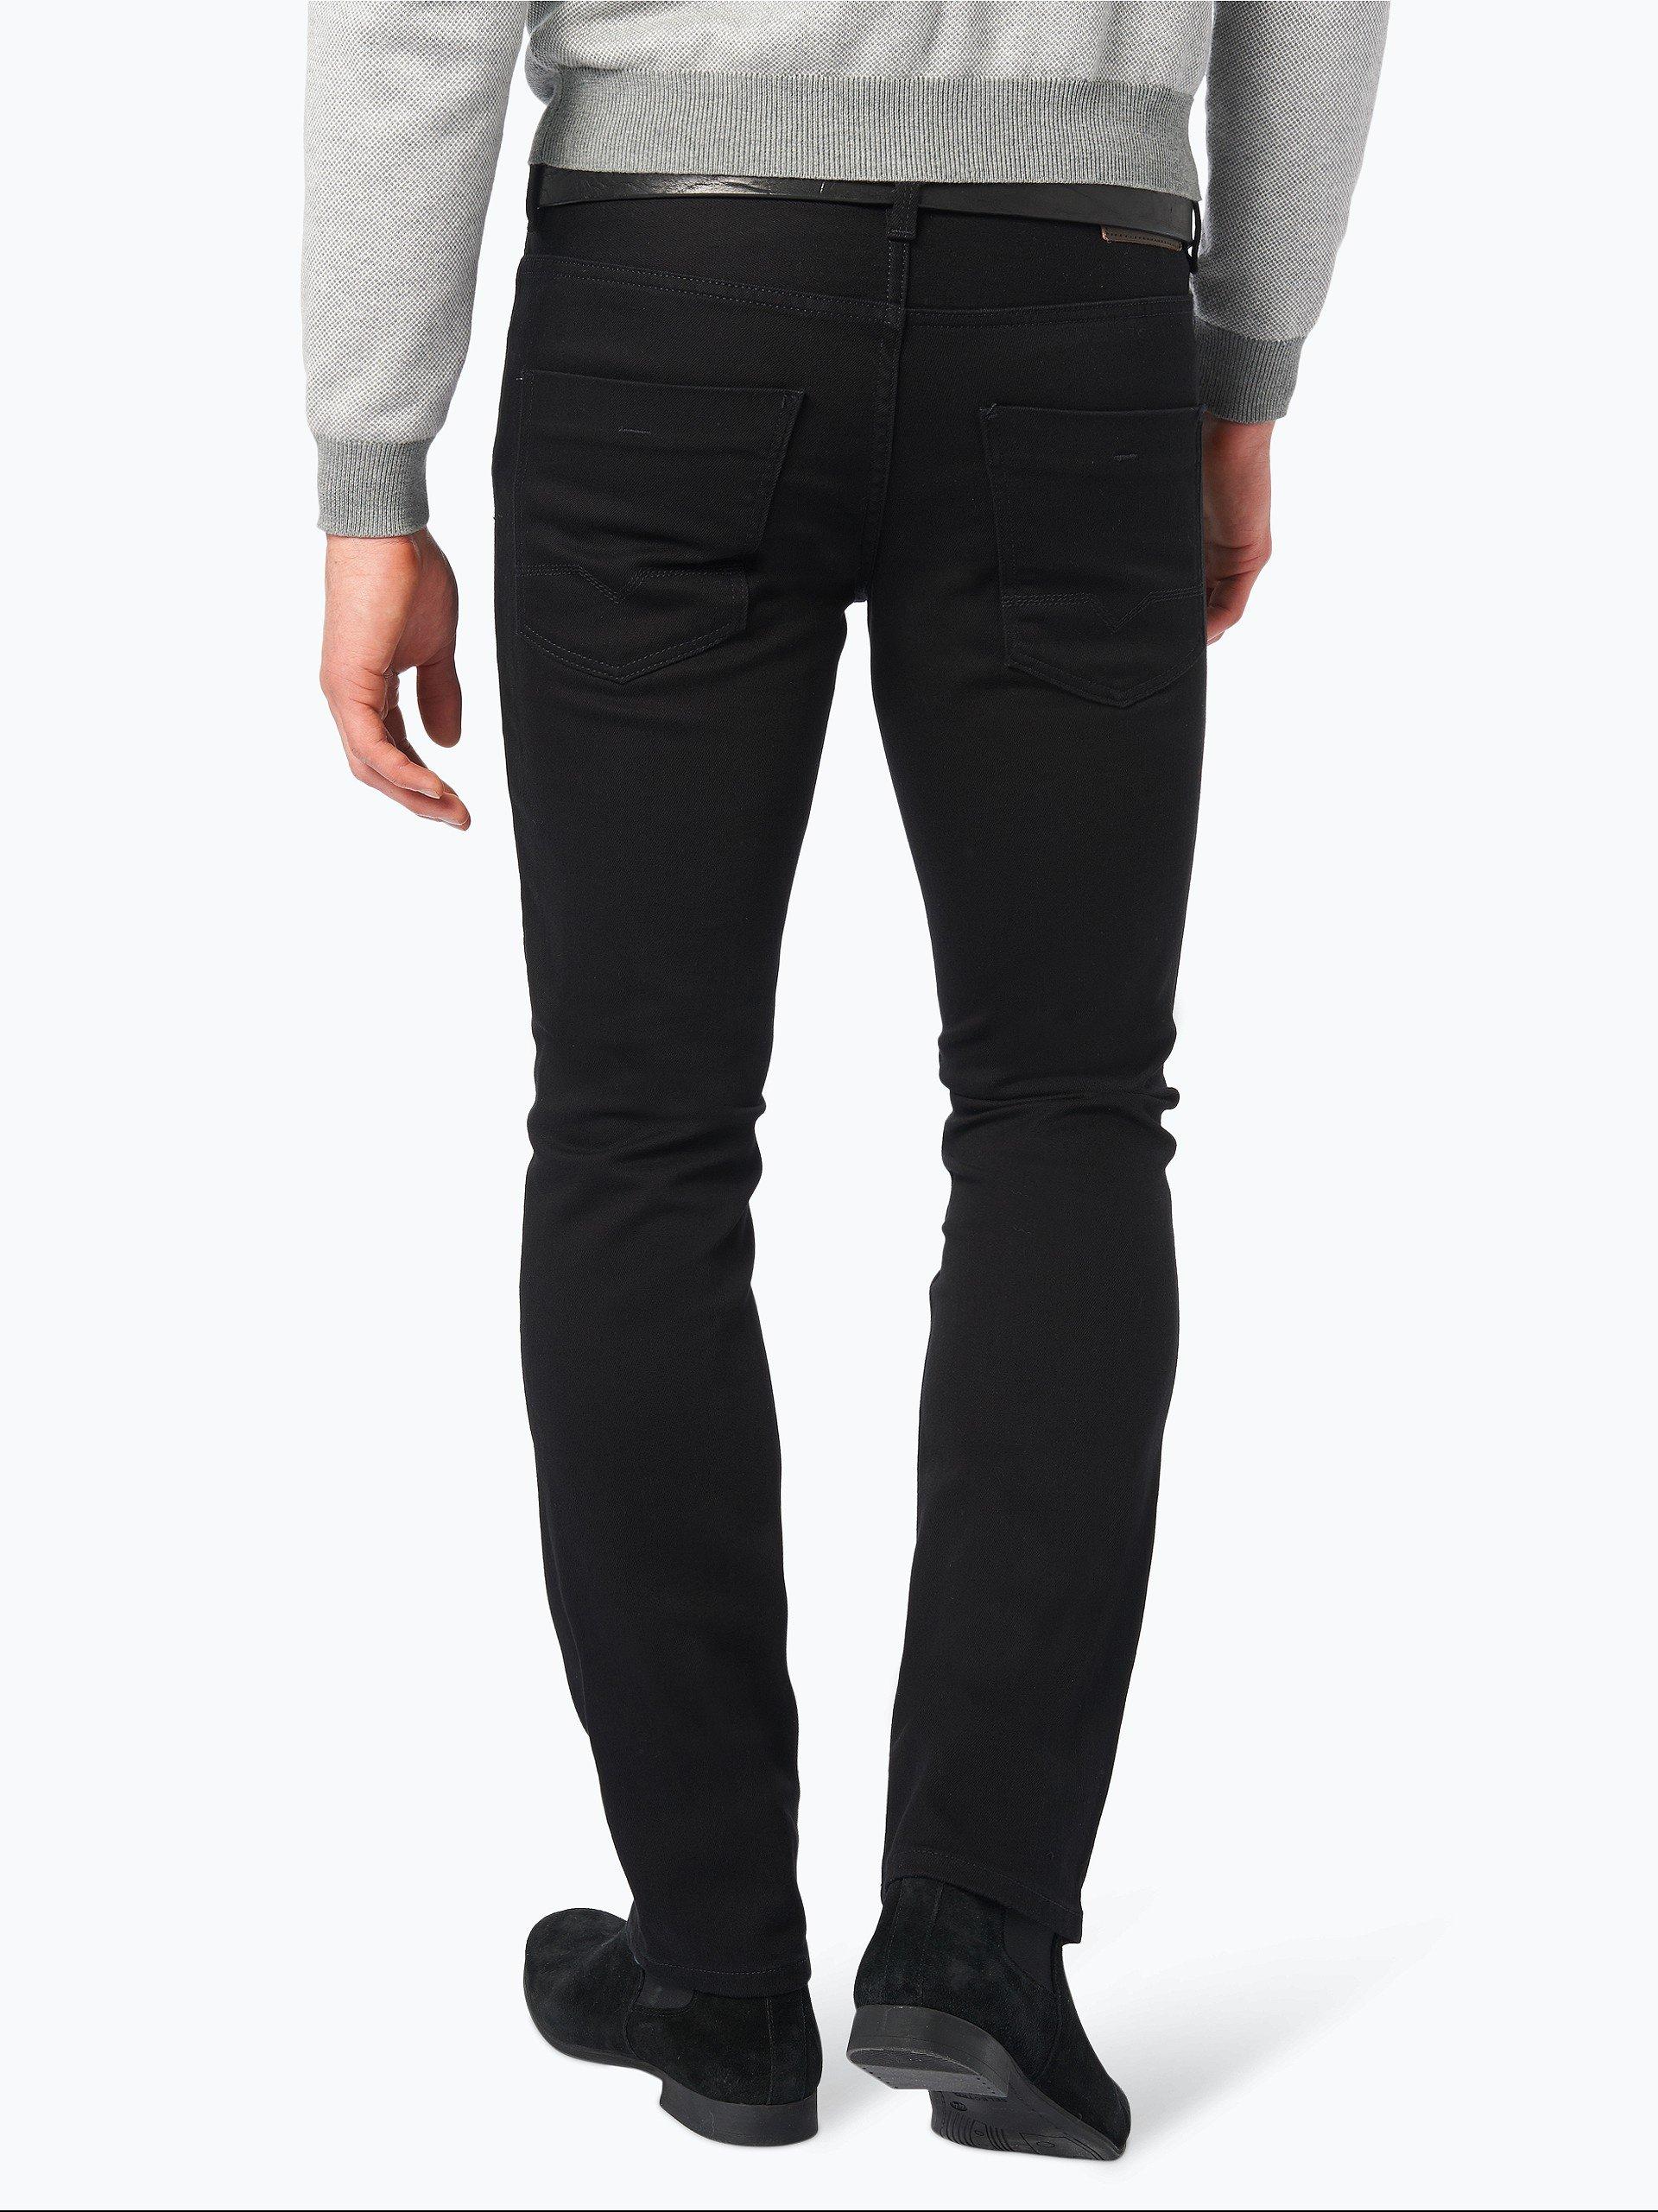 boss casual herren jeans orange 63 schwarz uni online kaufen vangraaf com. Black Bedroom Furniture Sets. Home Design Ideas